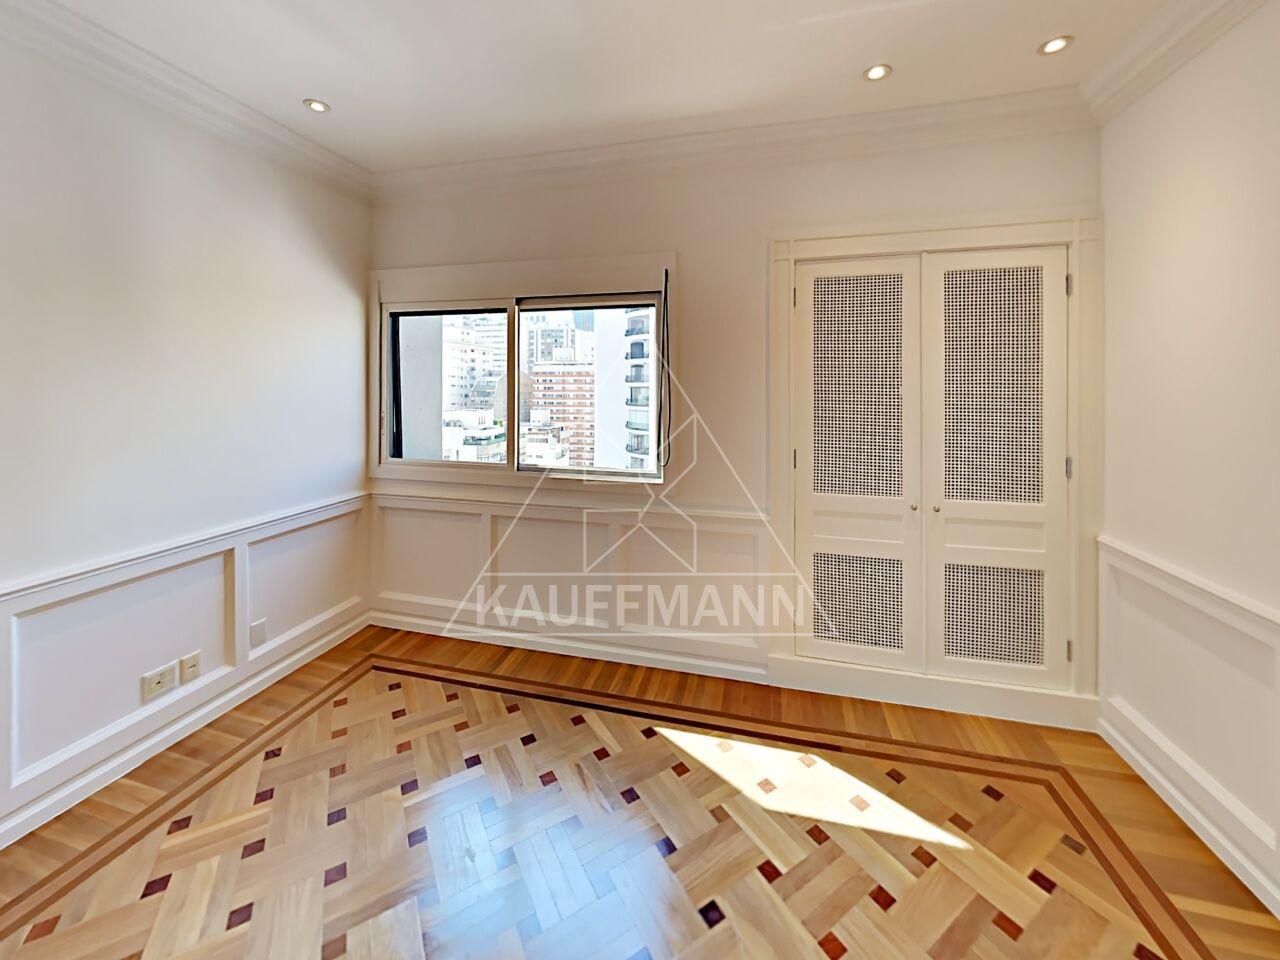 apartamento-venda-sao-paulo-jardim-america-regency-6dormitorios-6suites-7vagas-1099m2-Foto10